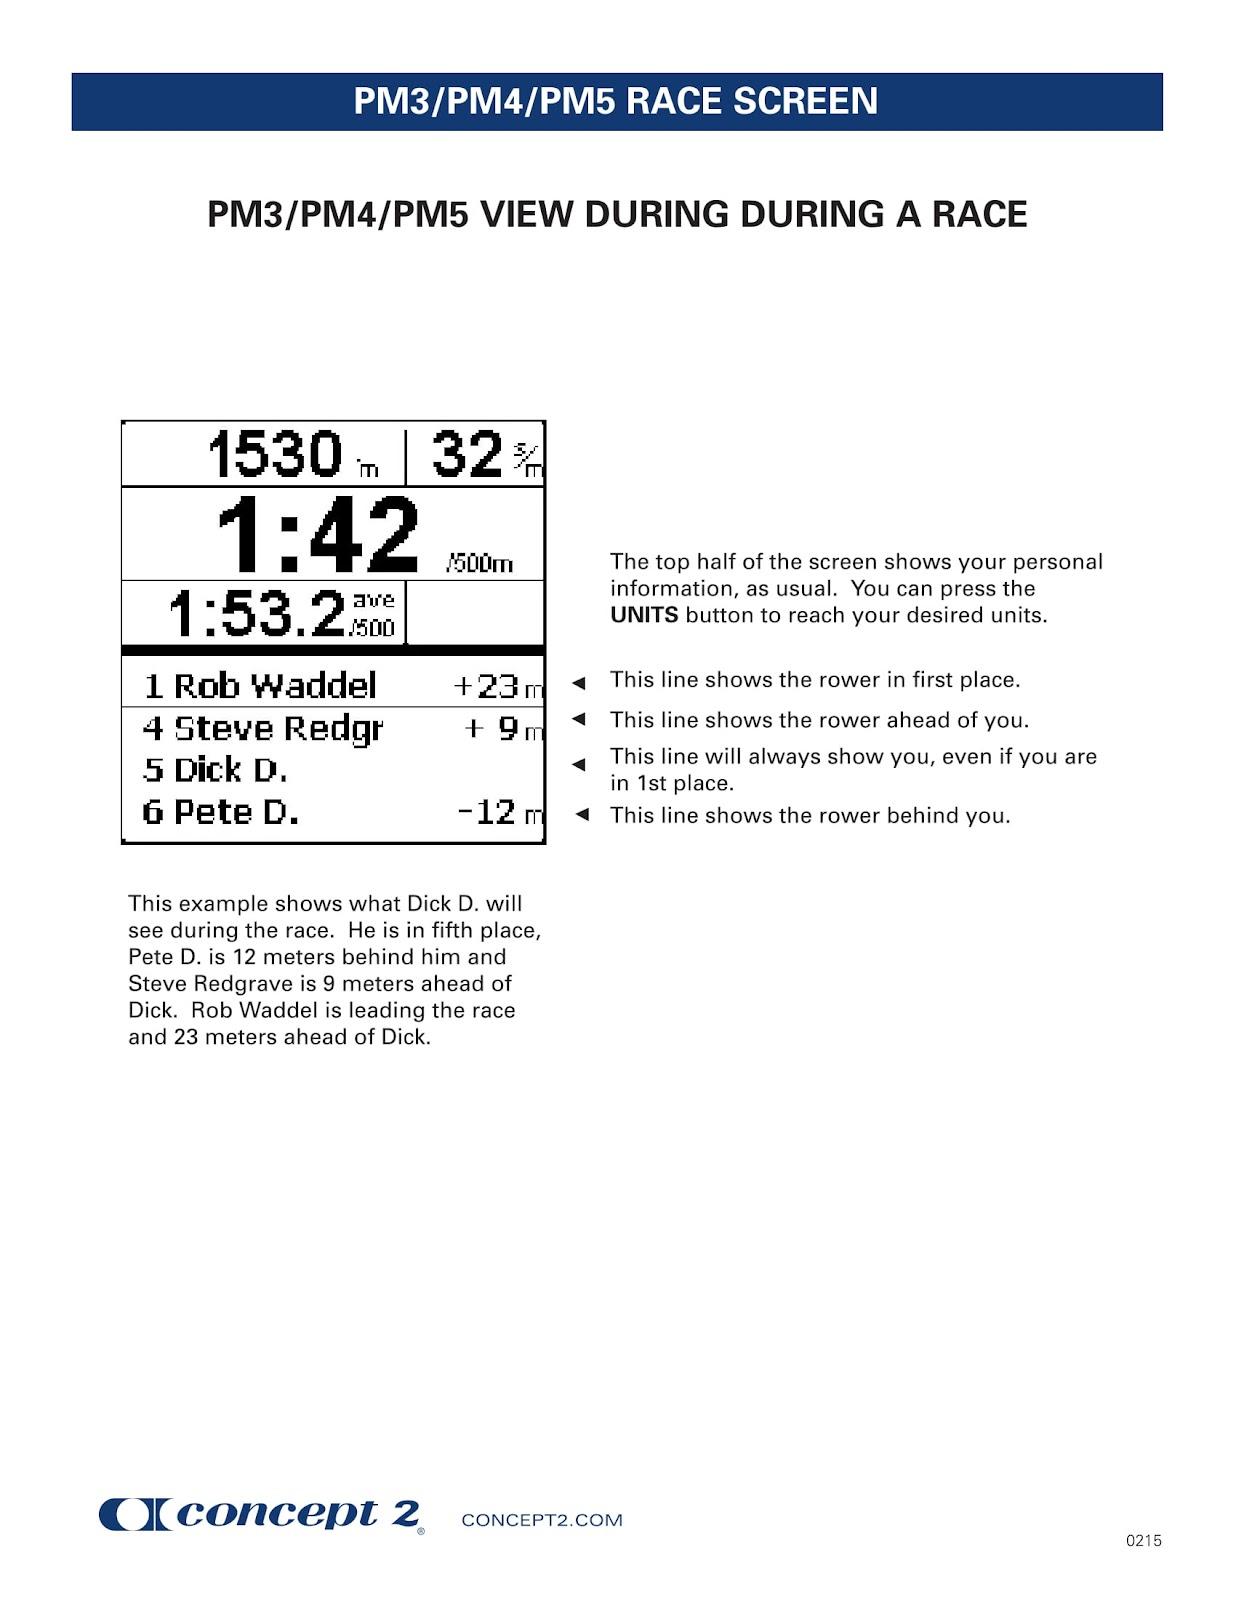 VenueRacing_RaceDisplay-1.jpg